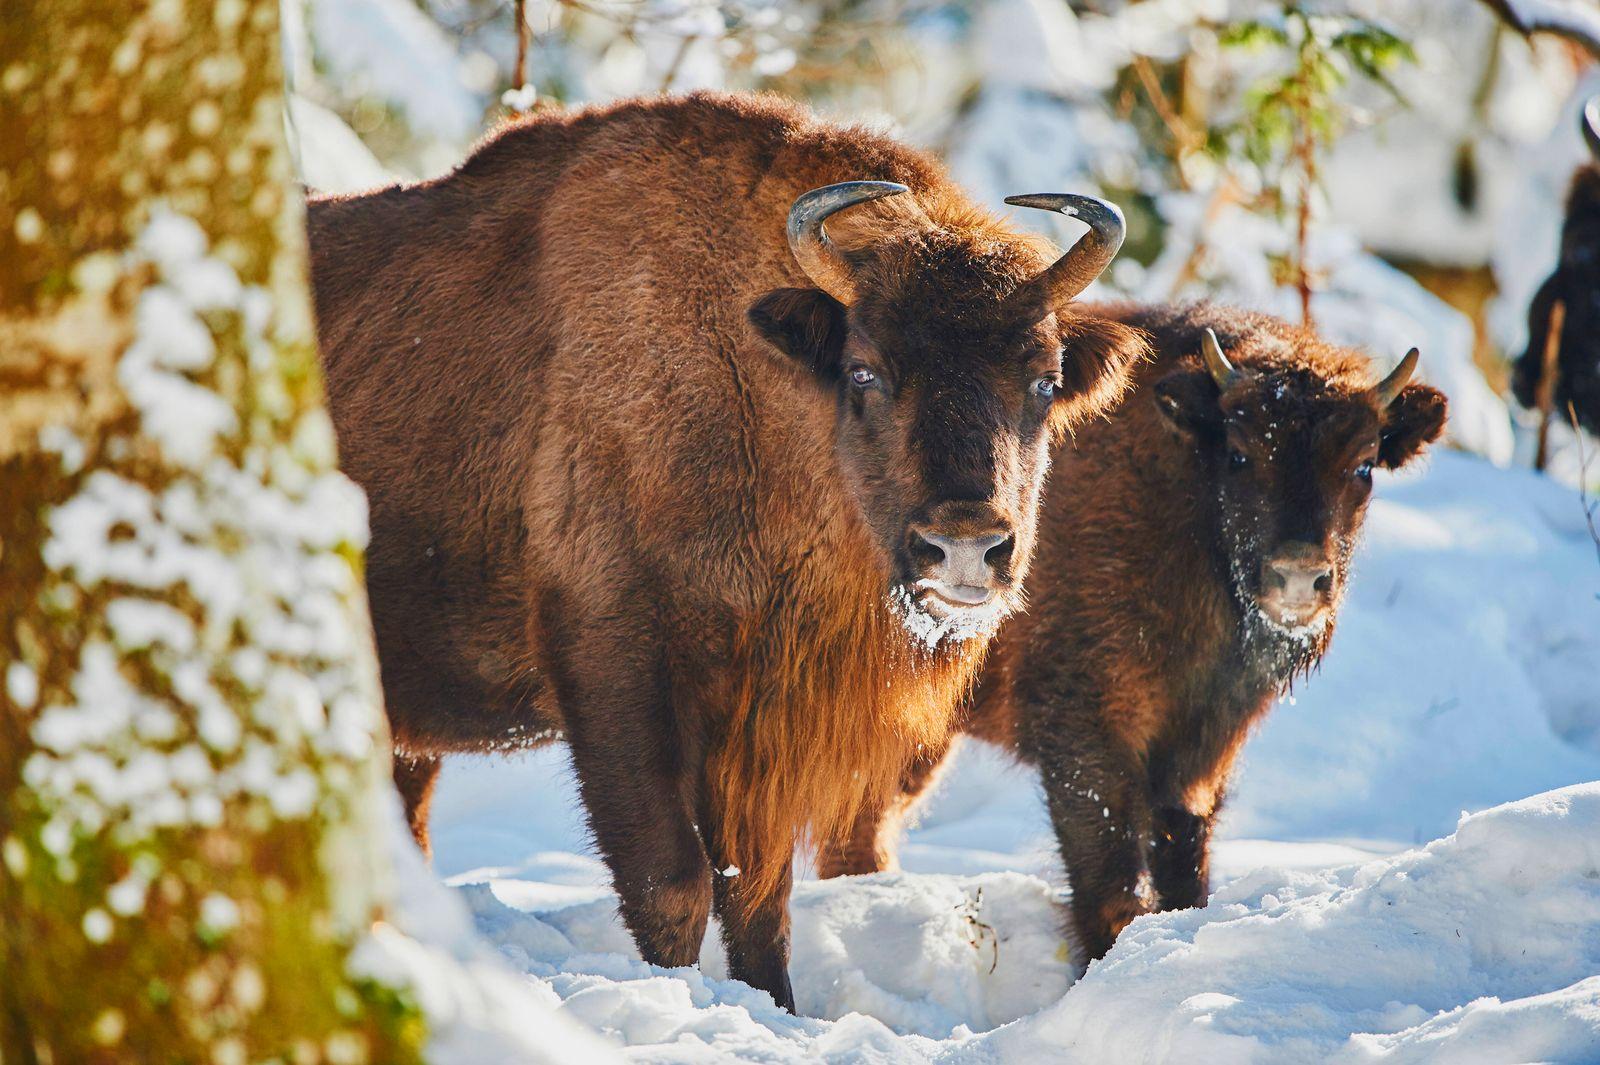 Wisent, Europaeischer Bison (Bison bonasus), Kuh mit Kalb im Schnee, Blickkontakt, Deutschland, Bayern, Bayerischer Wald